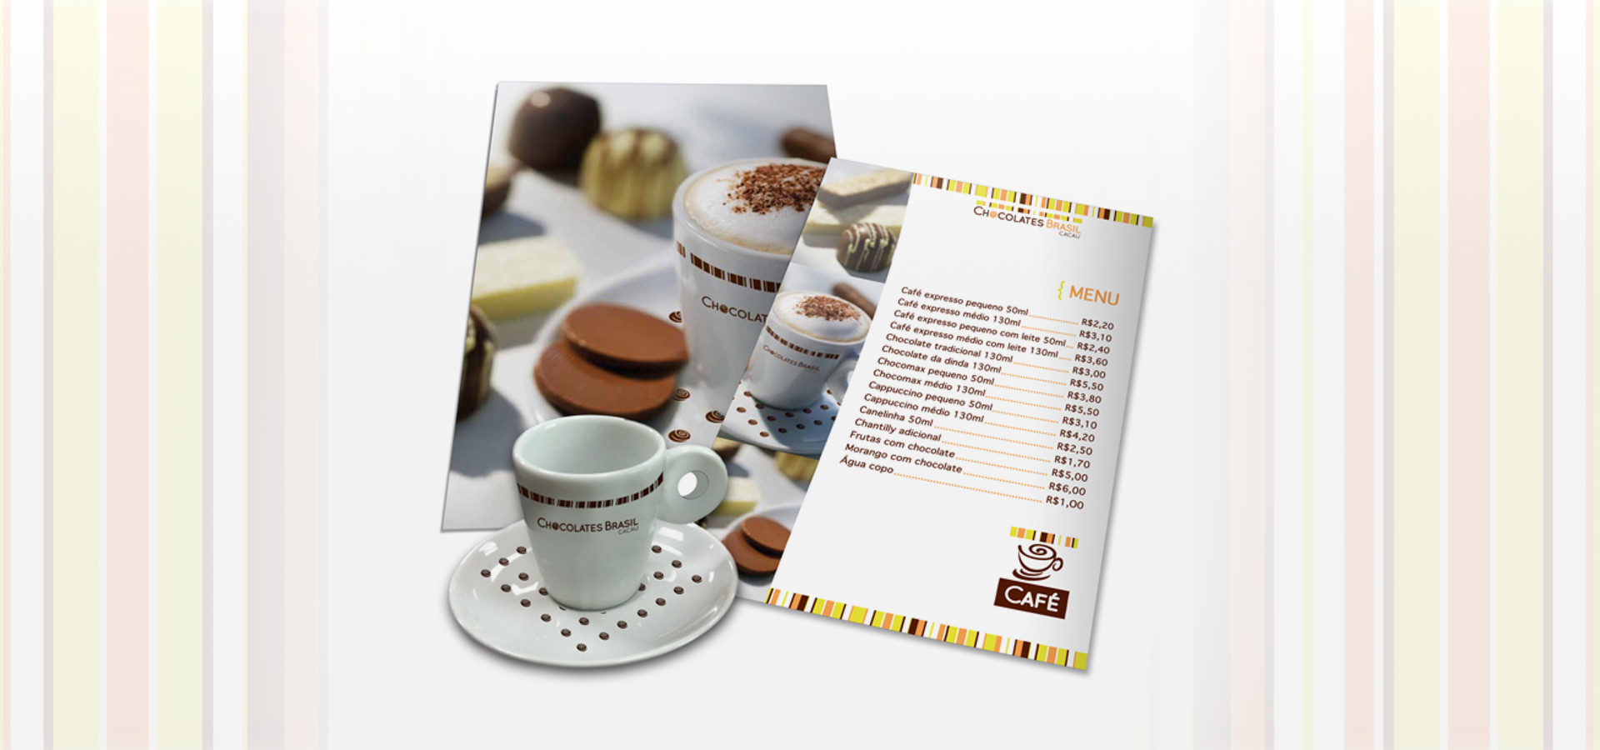 chocolates-brasil-cacau-2-1